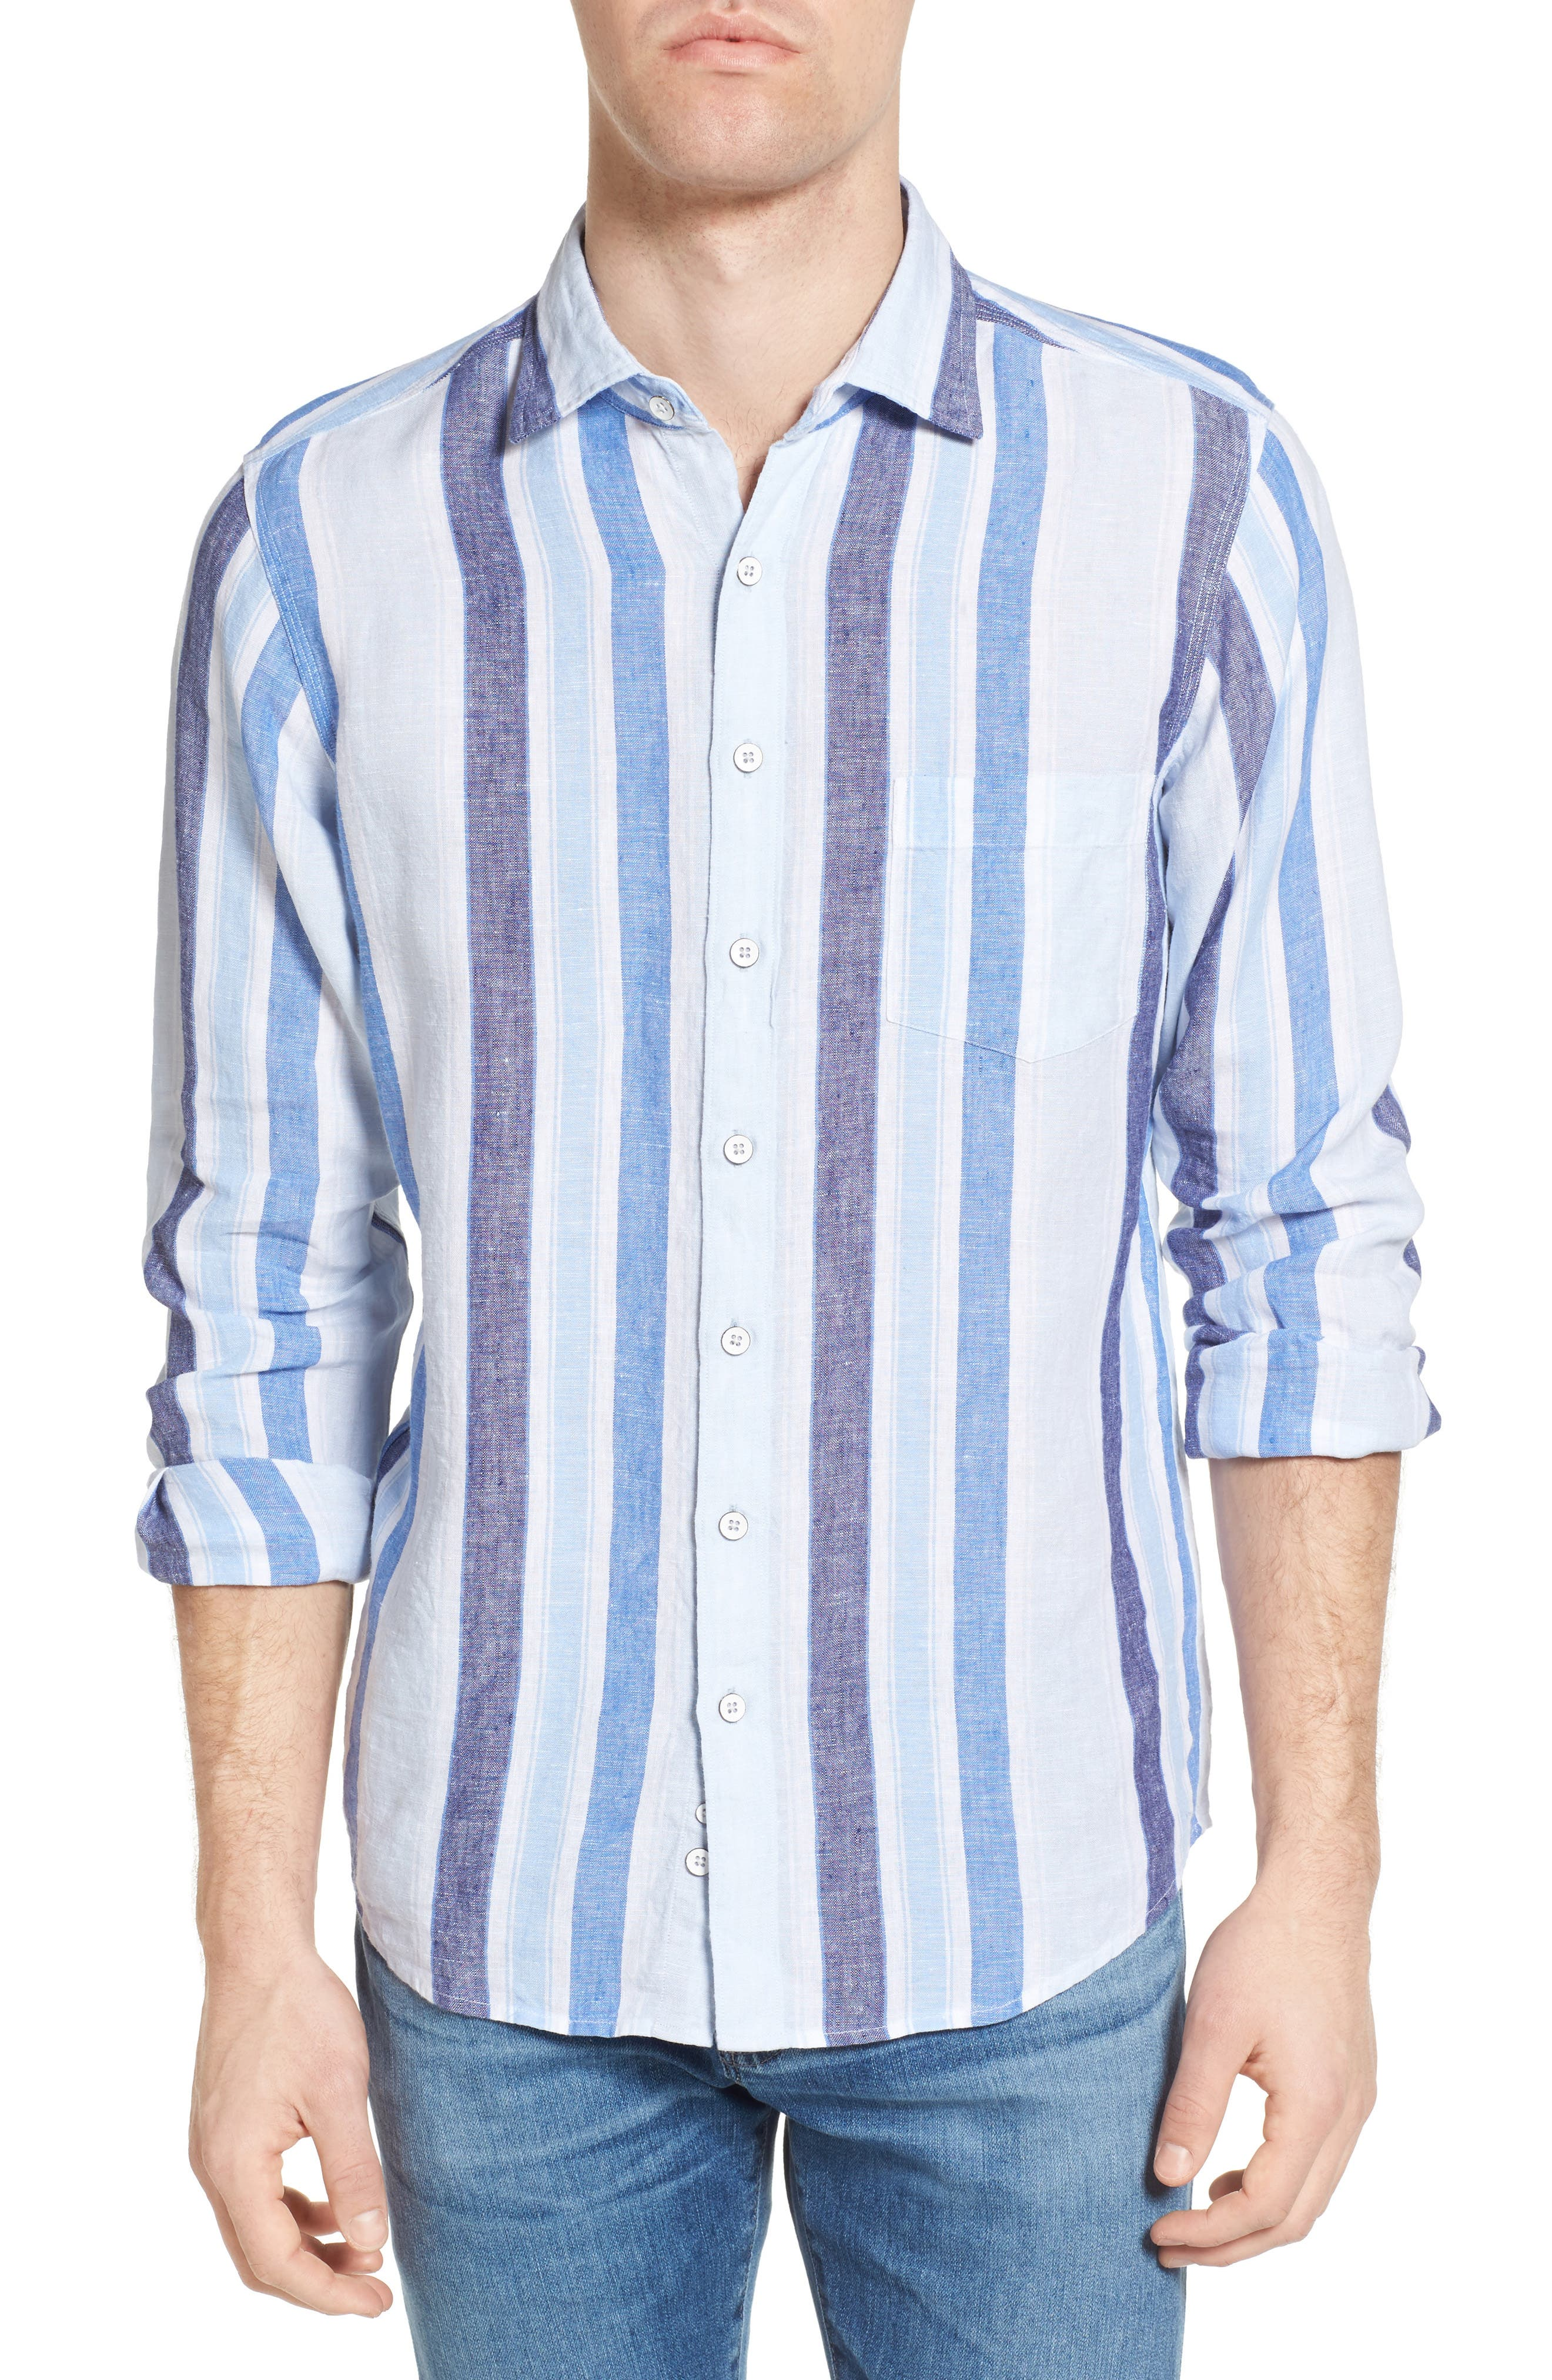 Alternate Image 1 Selected - Rodd & Gunn Glenavy Stripe Linen Sport Shirt